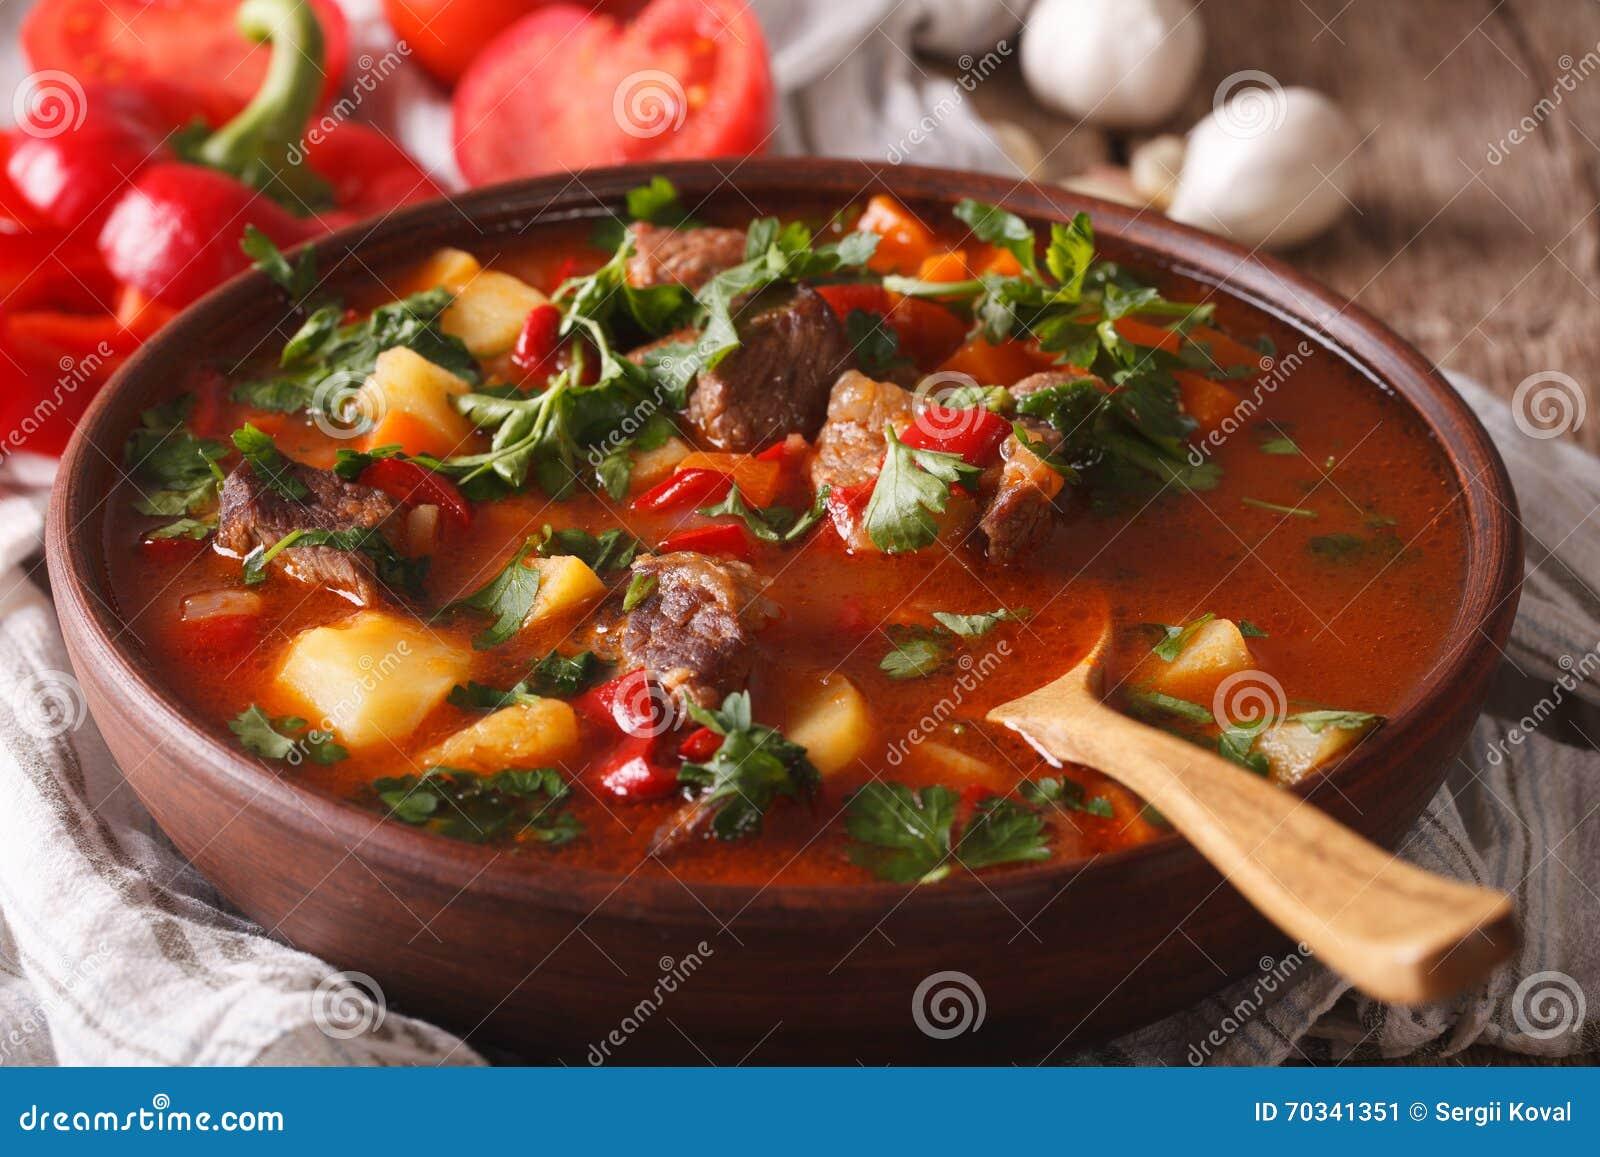 Ungarische gulaschsuppe bograch nahaufnahme horizontal for Ungarische gulaschsuppe